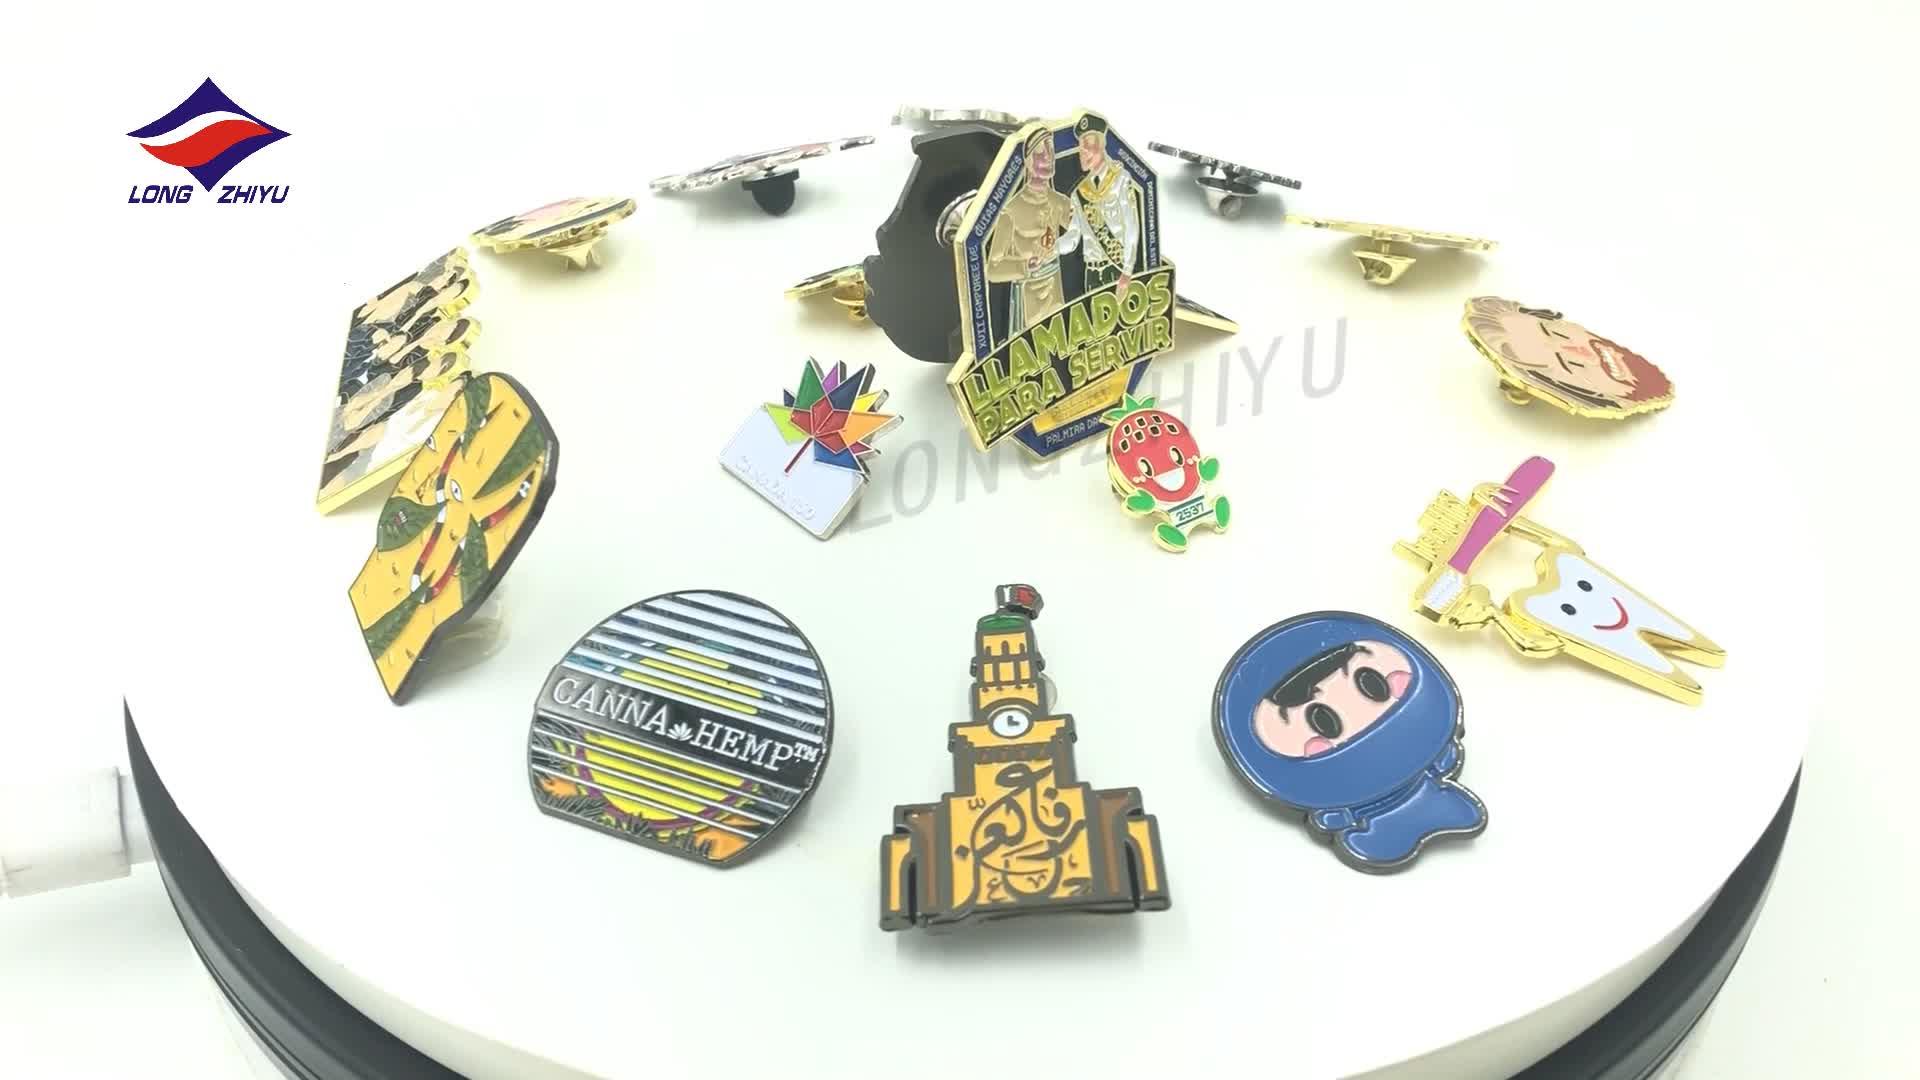 Longzhiyu 13 Anos Fabricante venda Quente personalizado oco personalizado emblema do metal pin de lapela esmalte macio Prata/banhado a Ouro emblema pinos